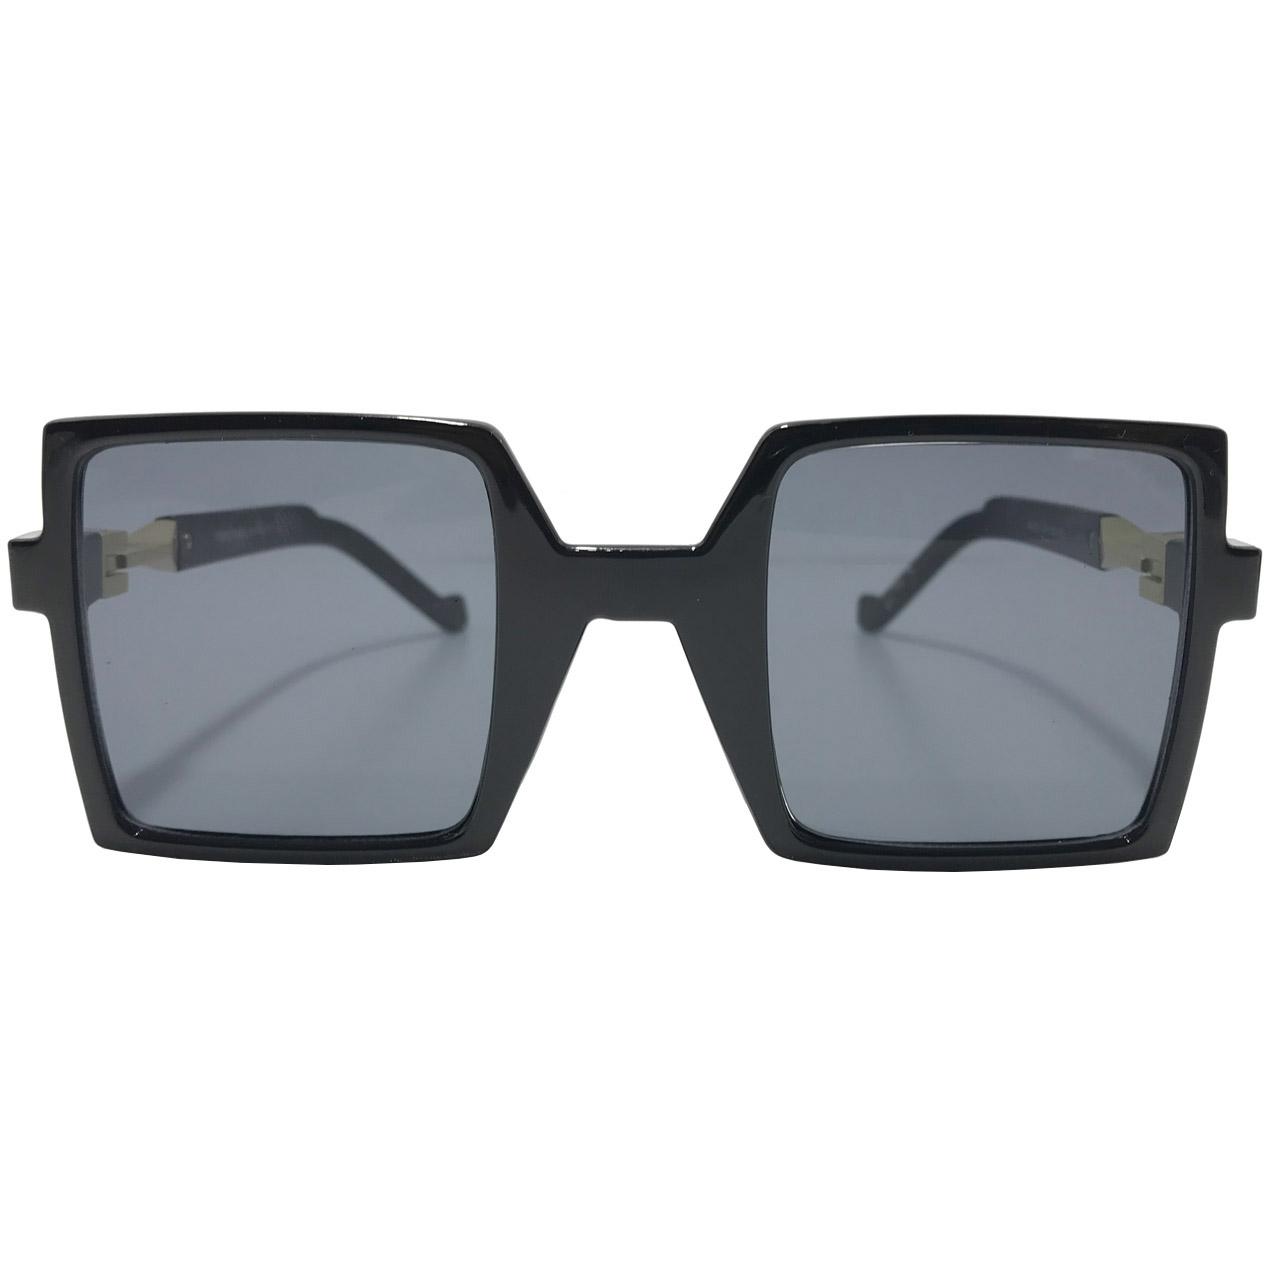 قیمت عینک آفتابی زنانه مدل 1-W-WL002 به همراه جاسوییچی چرم طبیعی طرح کفش هدیه